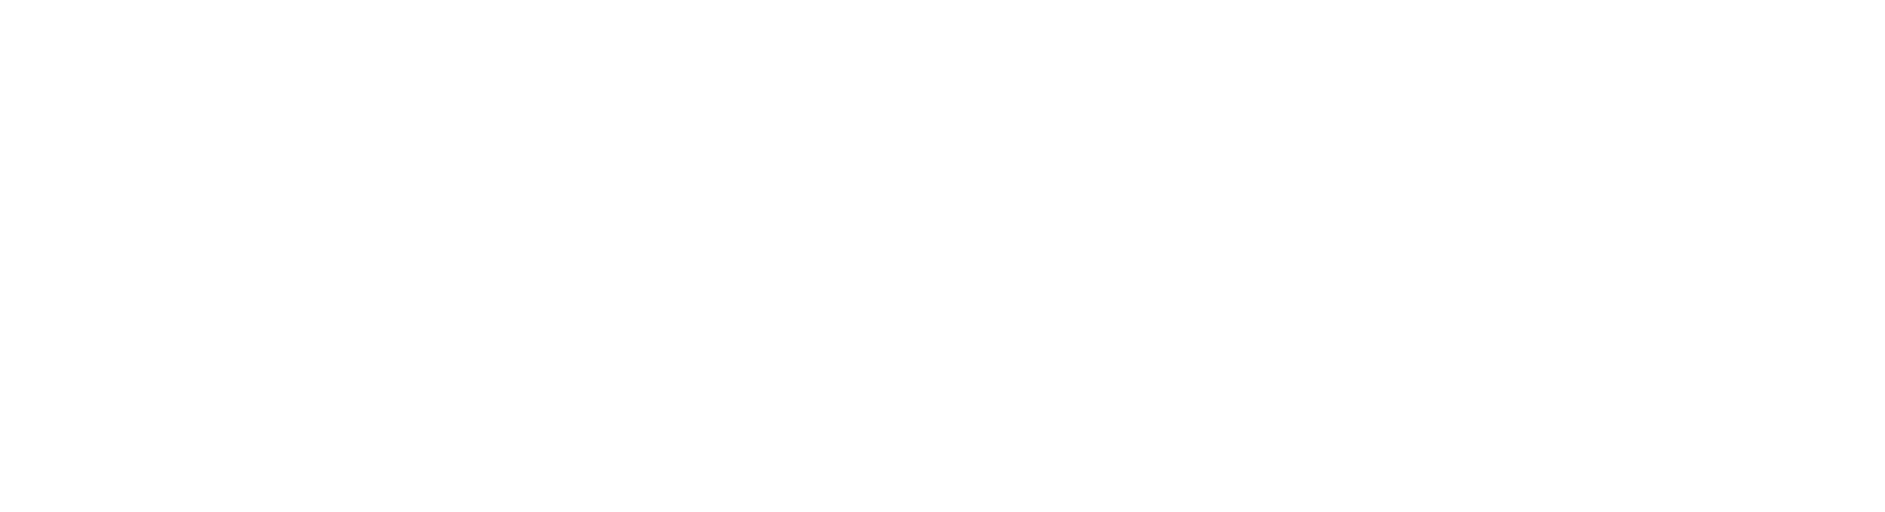 PropertyADVANTAGE logo white